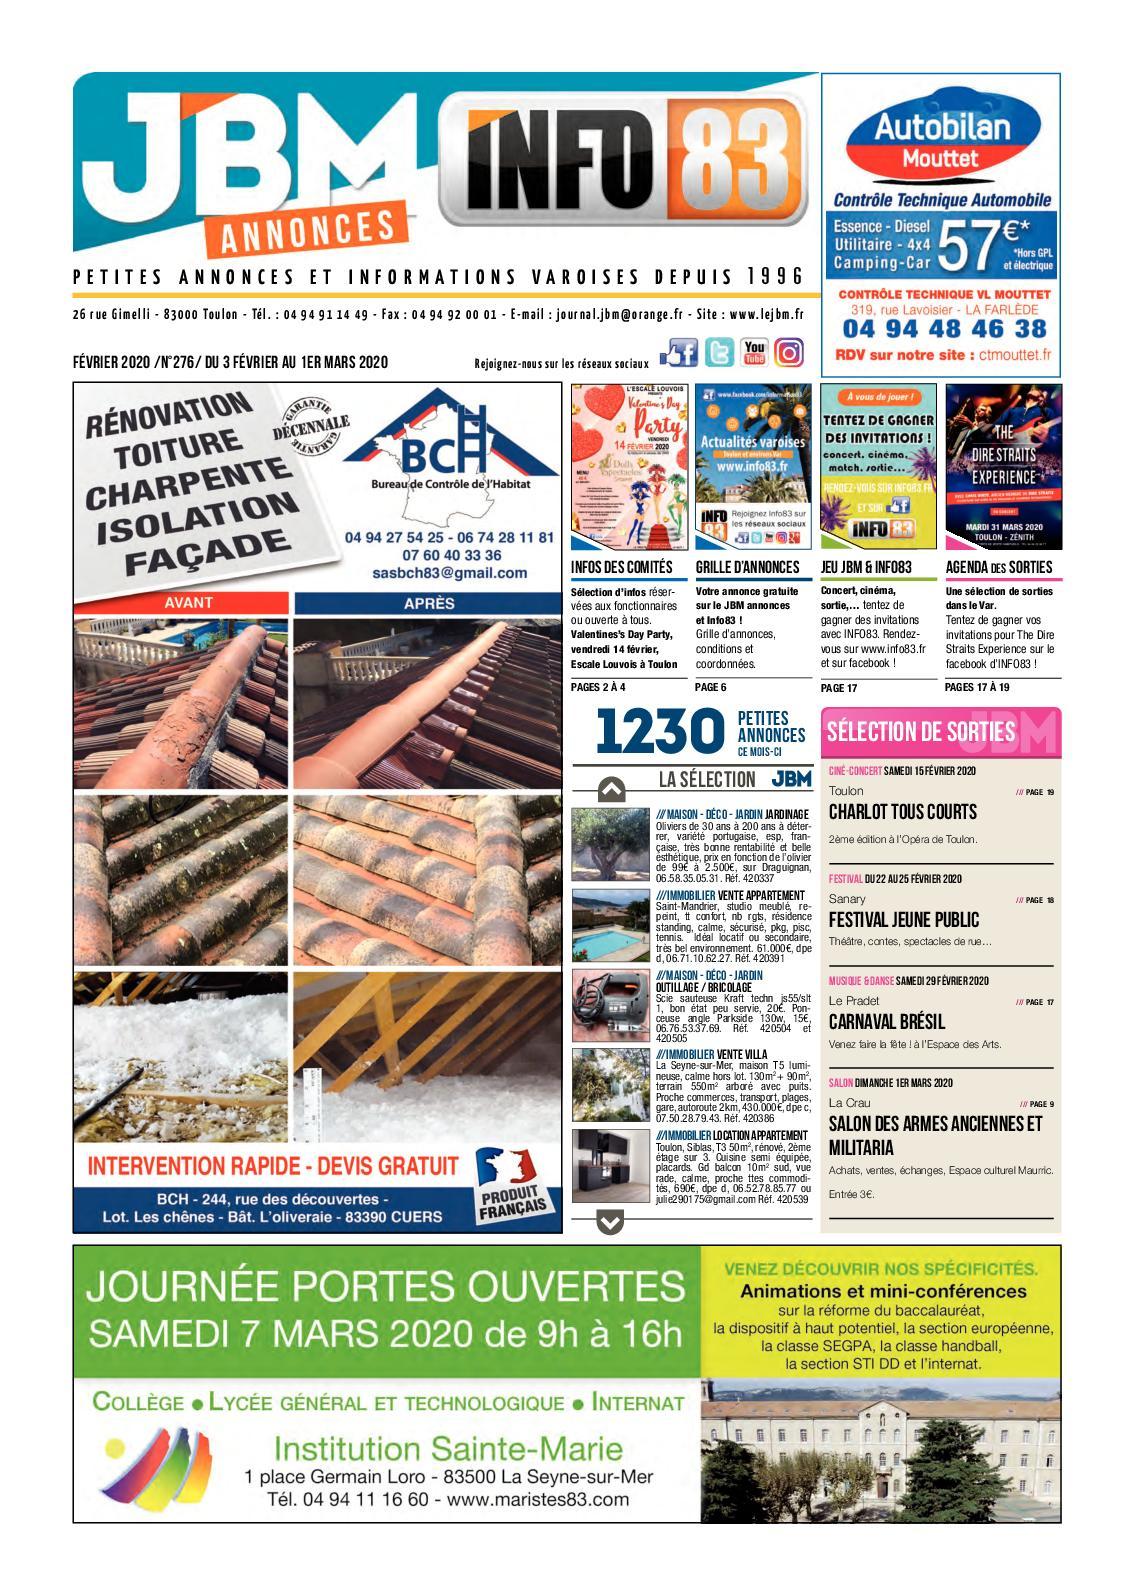 Tapis Pour Caravane Gitan calaméo - jbm276 février2020